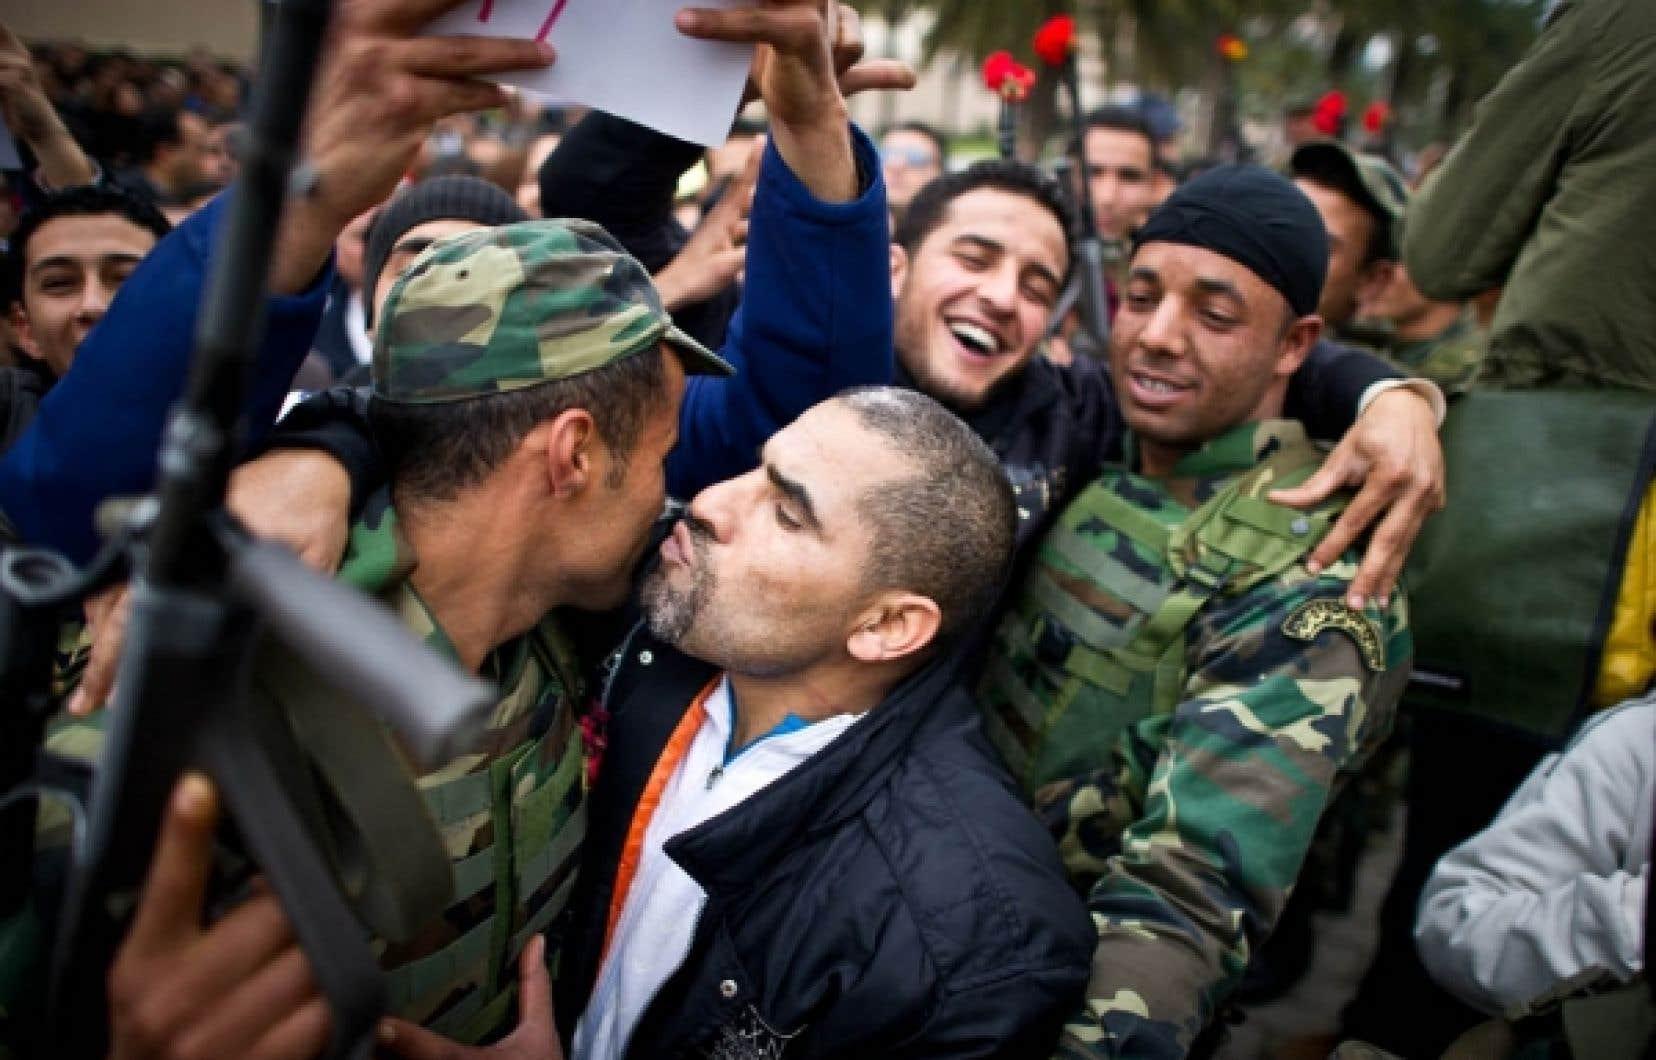 Un manifestant de Tunis protestant contre le parti fondé par le président déchu Ben Ali, le Rassemblement constitutionnel démocratique (RCD), embrasse un soldat. Les Tunisiens descendus dans la rue hier demandaient la démission des ministres de Ben Ali qui se sont joints au nouveau gouvernement d'union nationale. «RCD out!» criaient-ils. Pendant ce temps, le gouvernement de transition a tenu sa première rencontre, au cours de laquelle les ministres ont décrété un deuil national de trois jours et ont adopté un projet de loi d'amnistie générale.